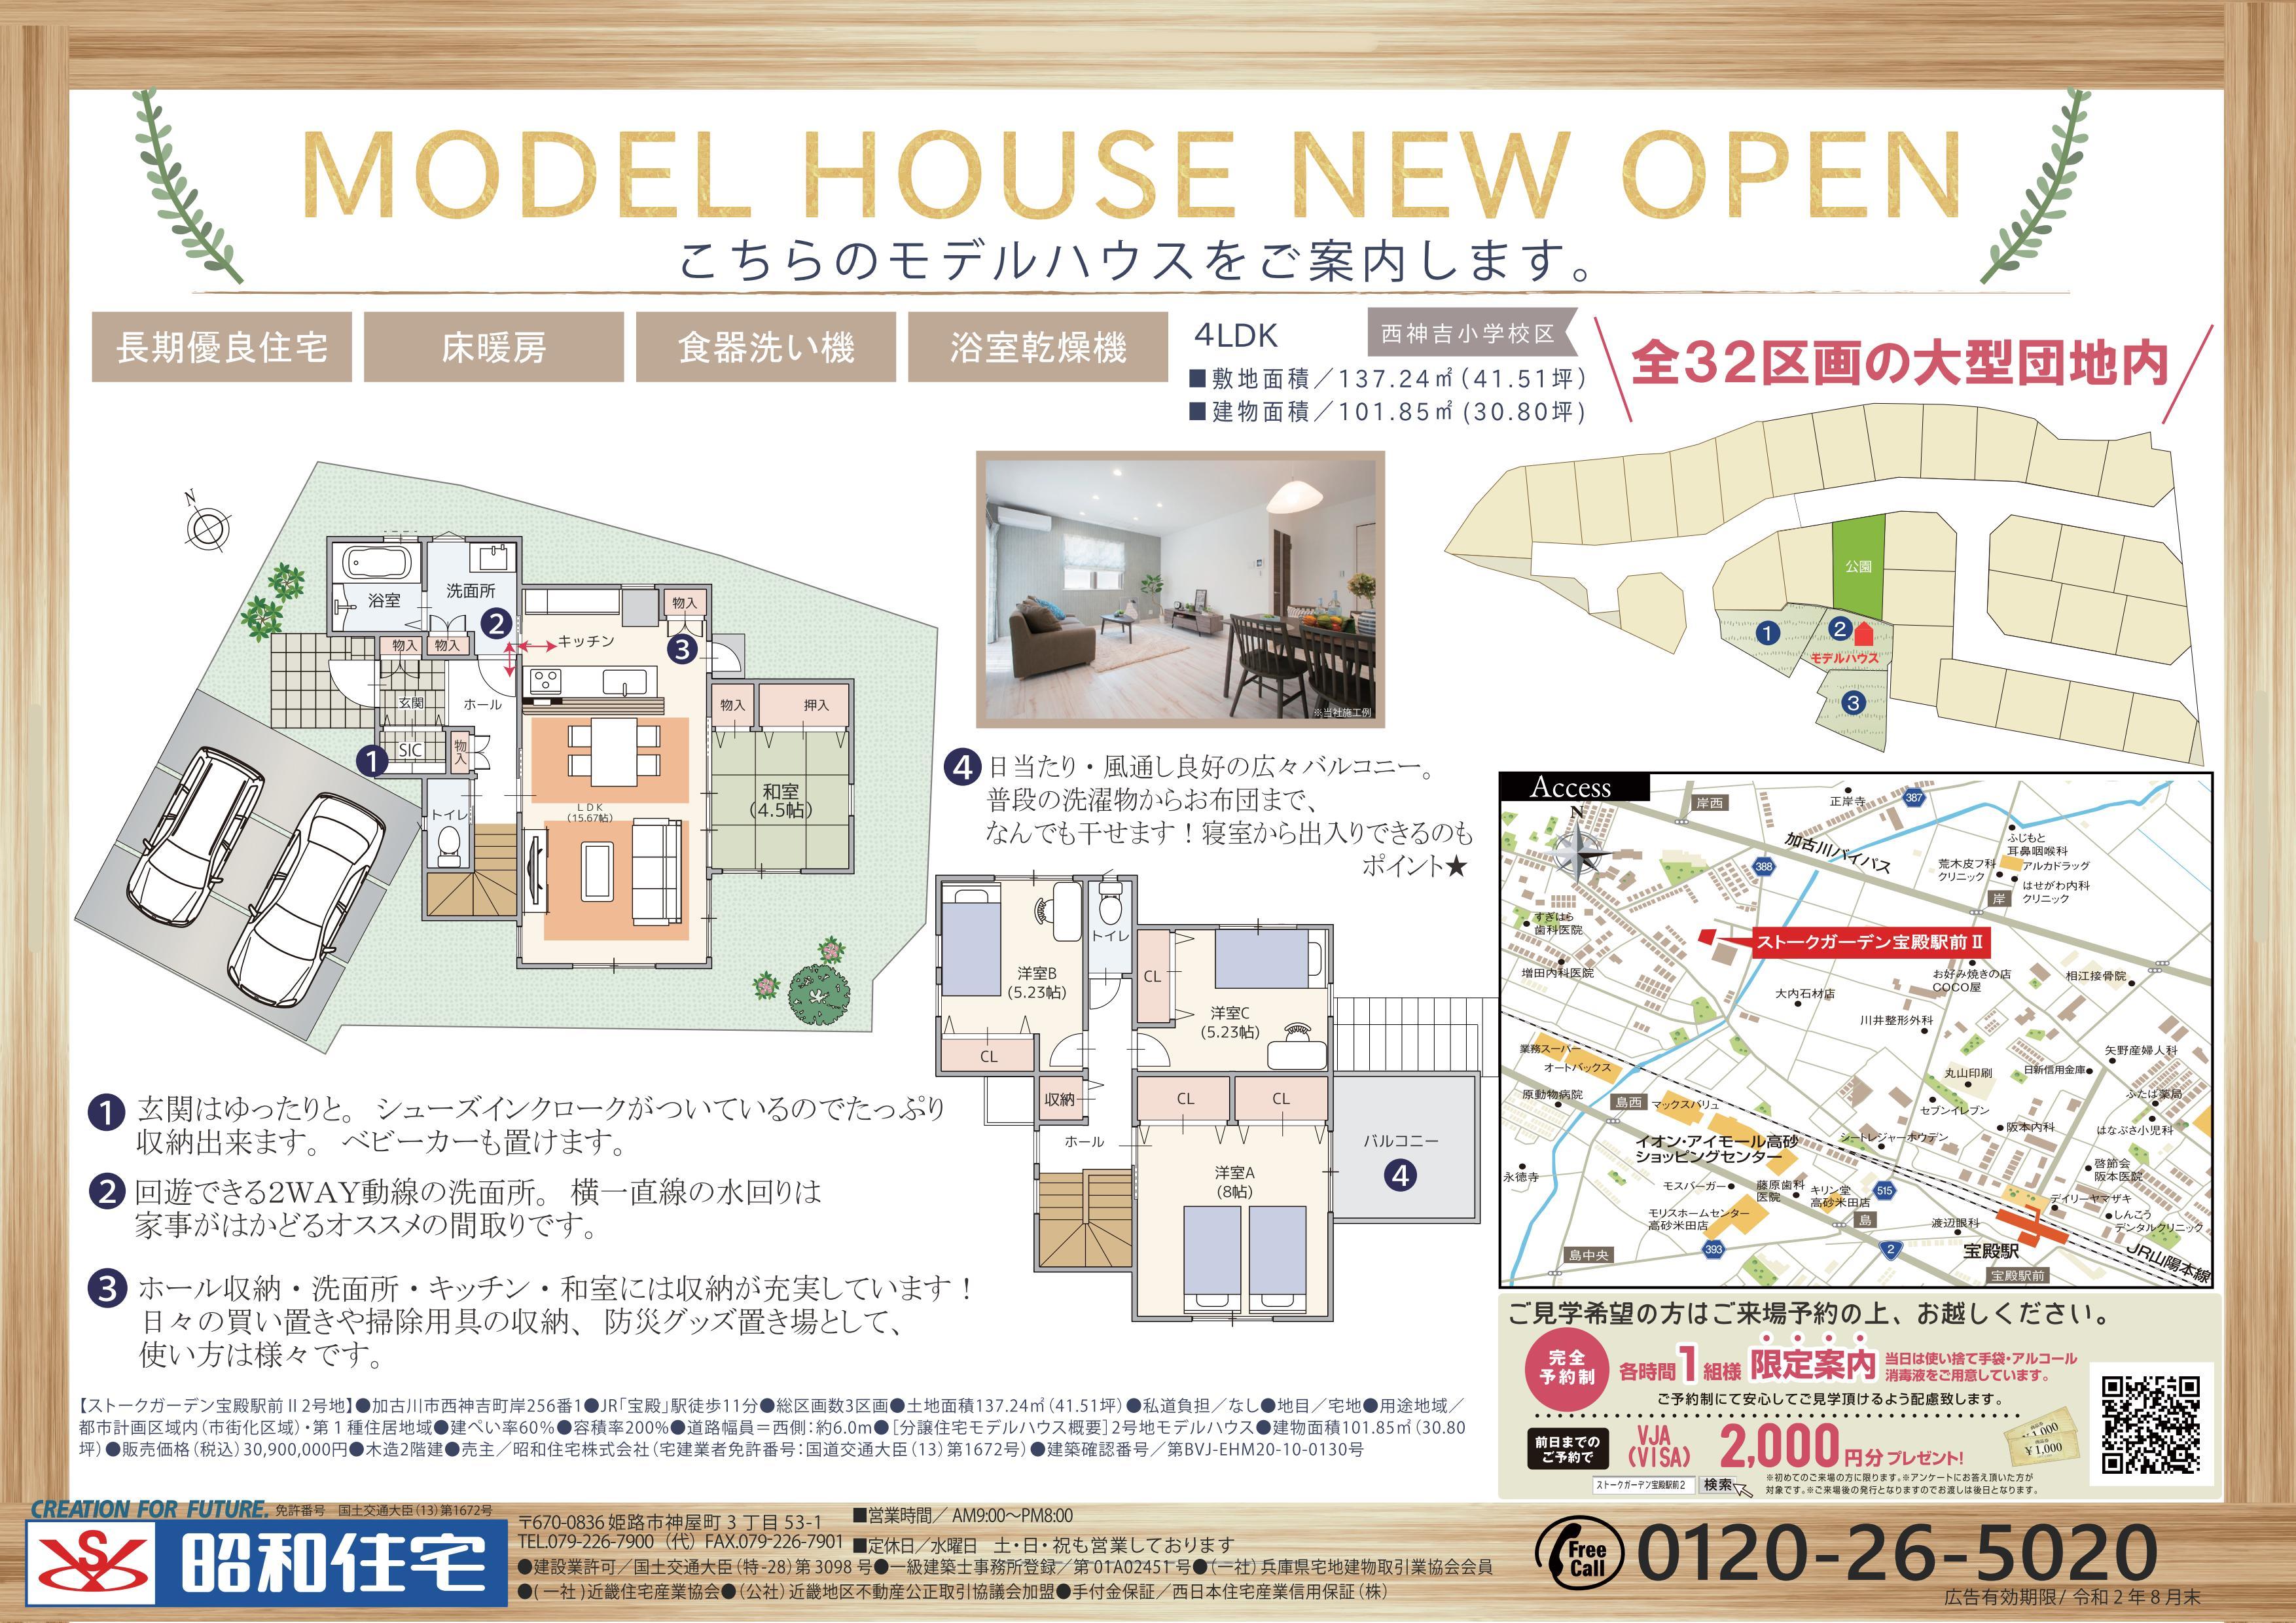 【結合】宝殿駅前Ⅱモデルハウス完成お披露目会200731_02